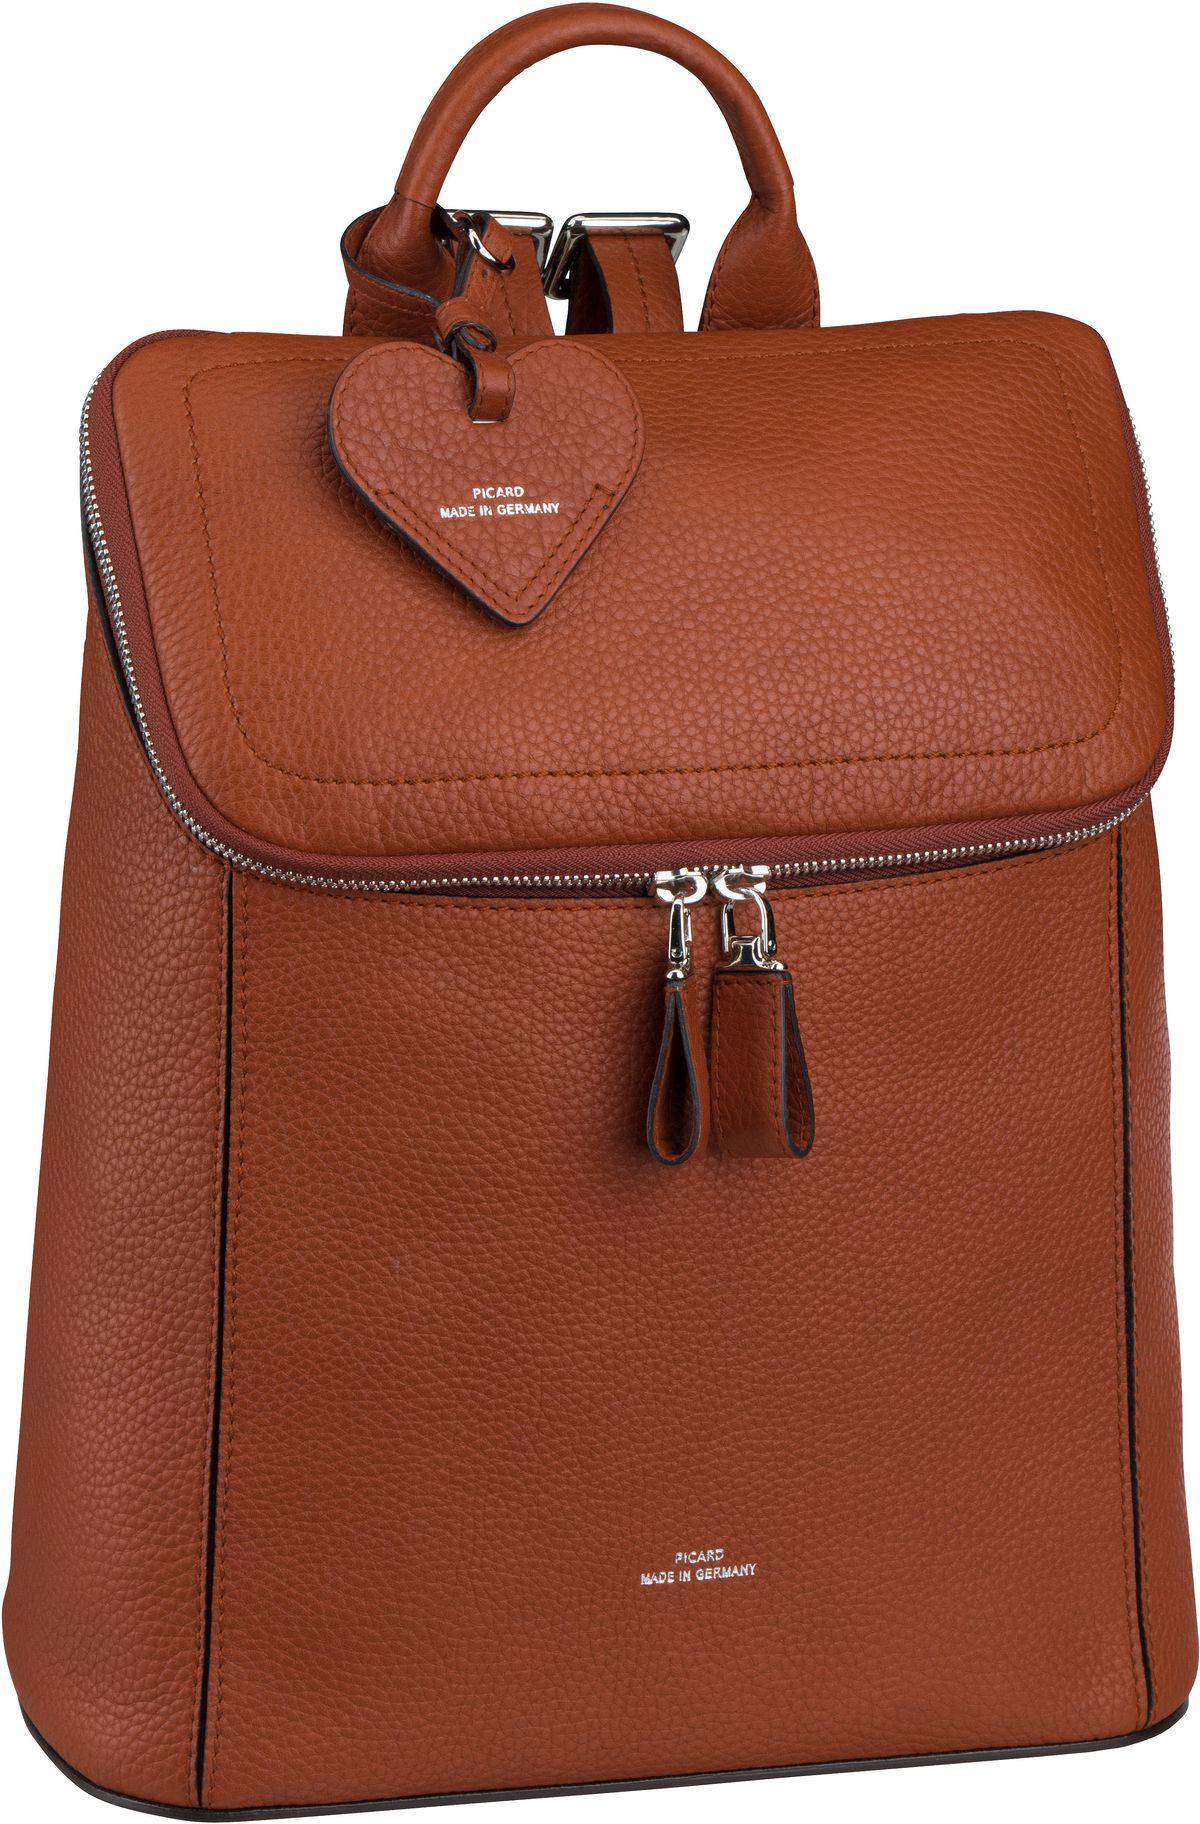 Rucksaecke für Frauen - Picard Rucksack Daypack Juliette 4859 Cognac  - Onlineshop Taschenkaufhaus